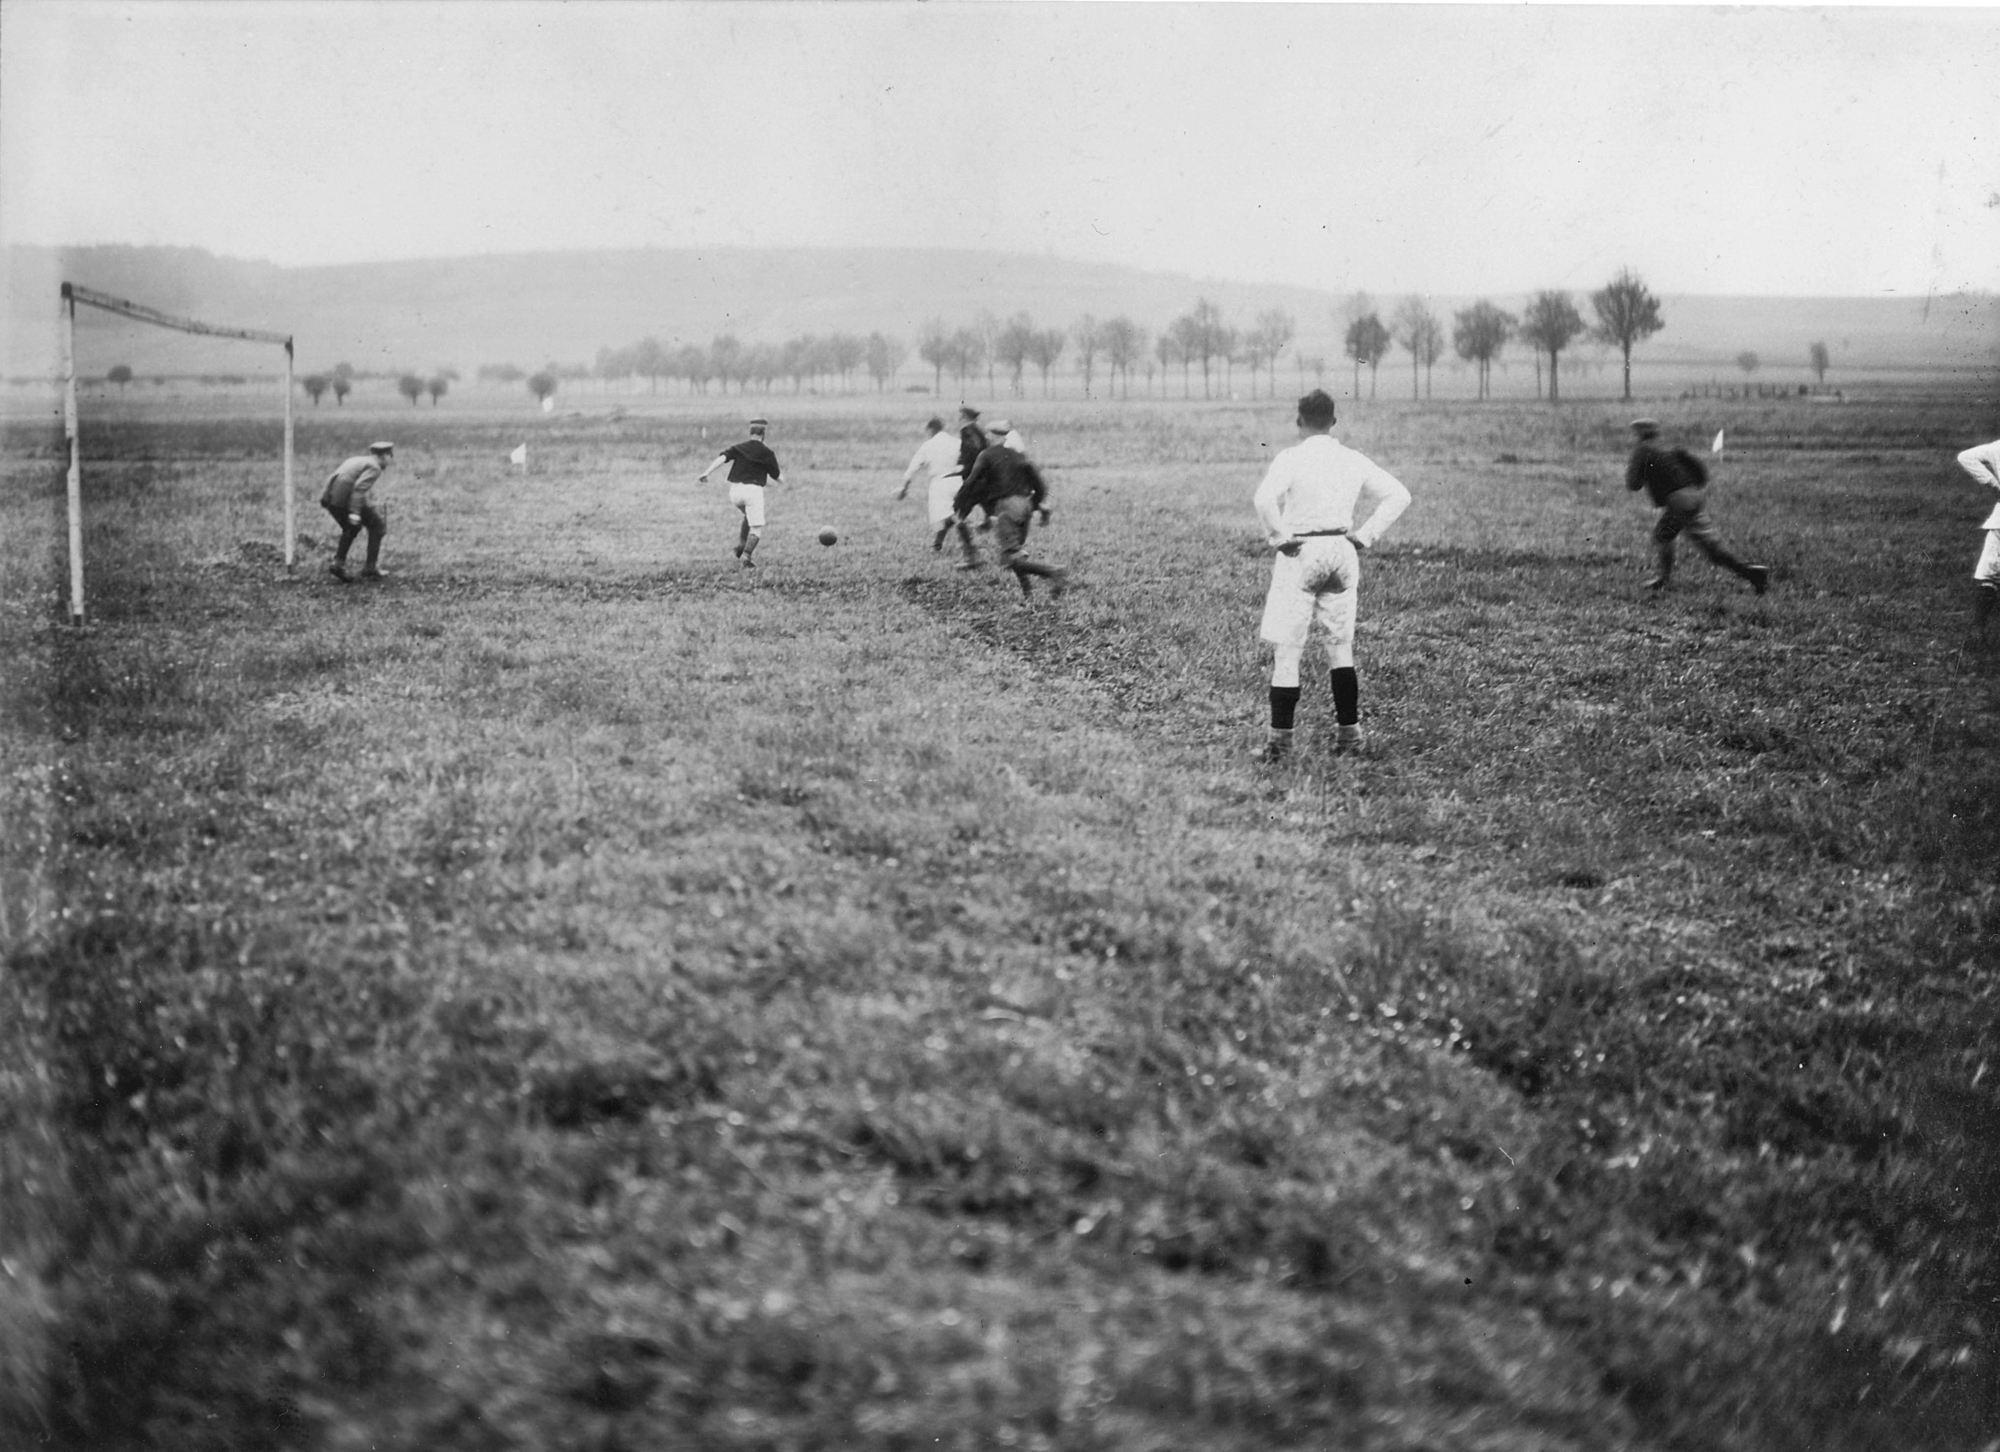 Soldats allemands jouant au football, photographie